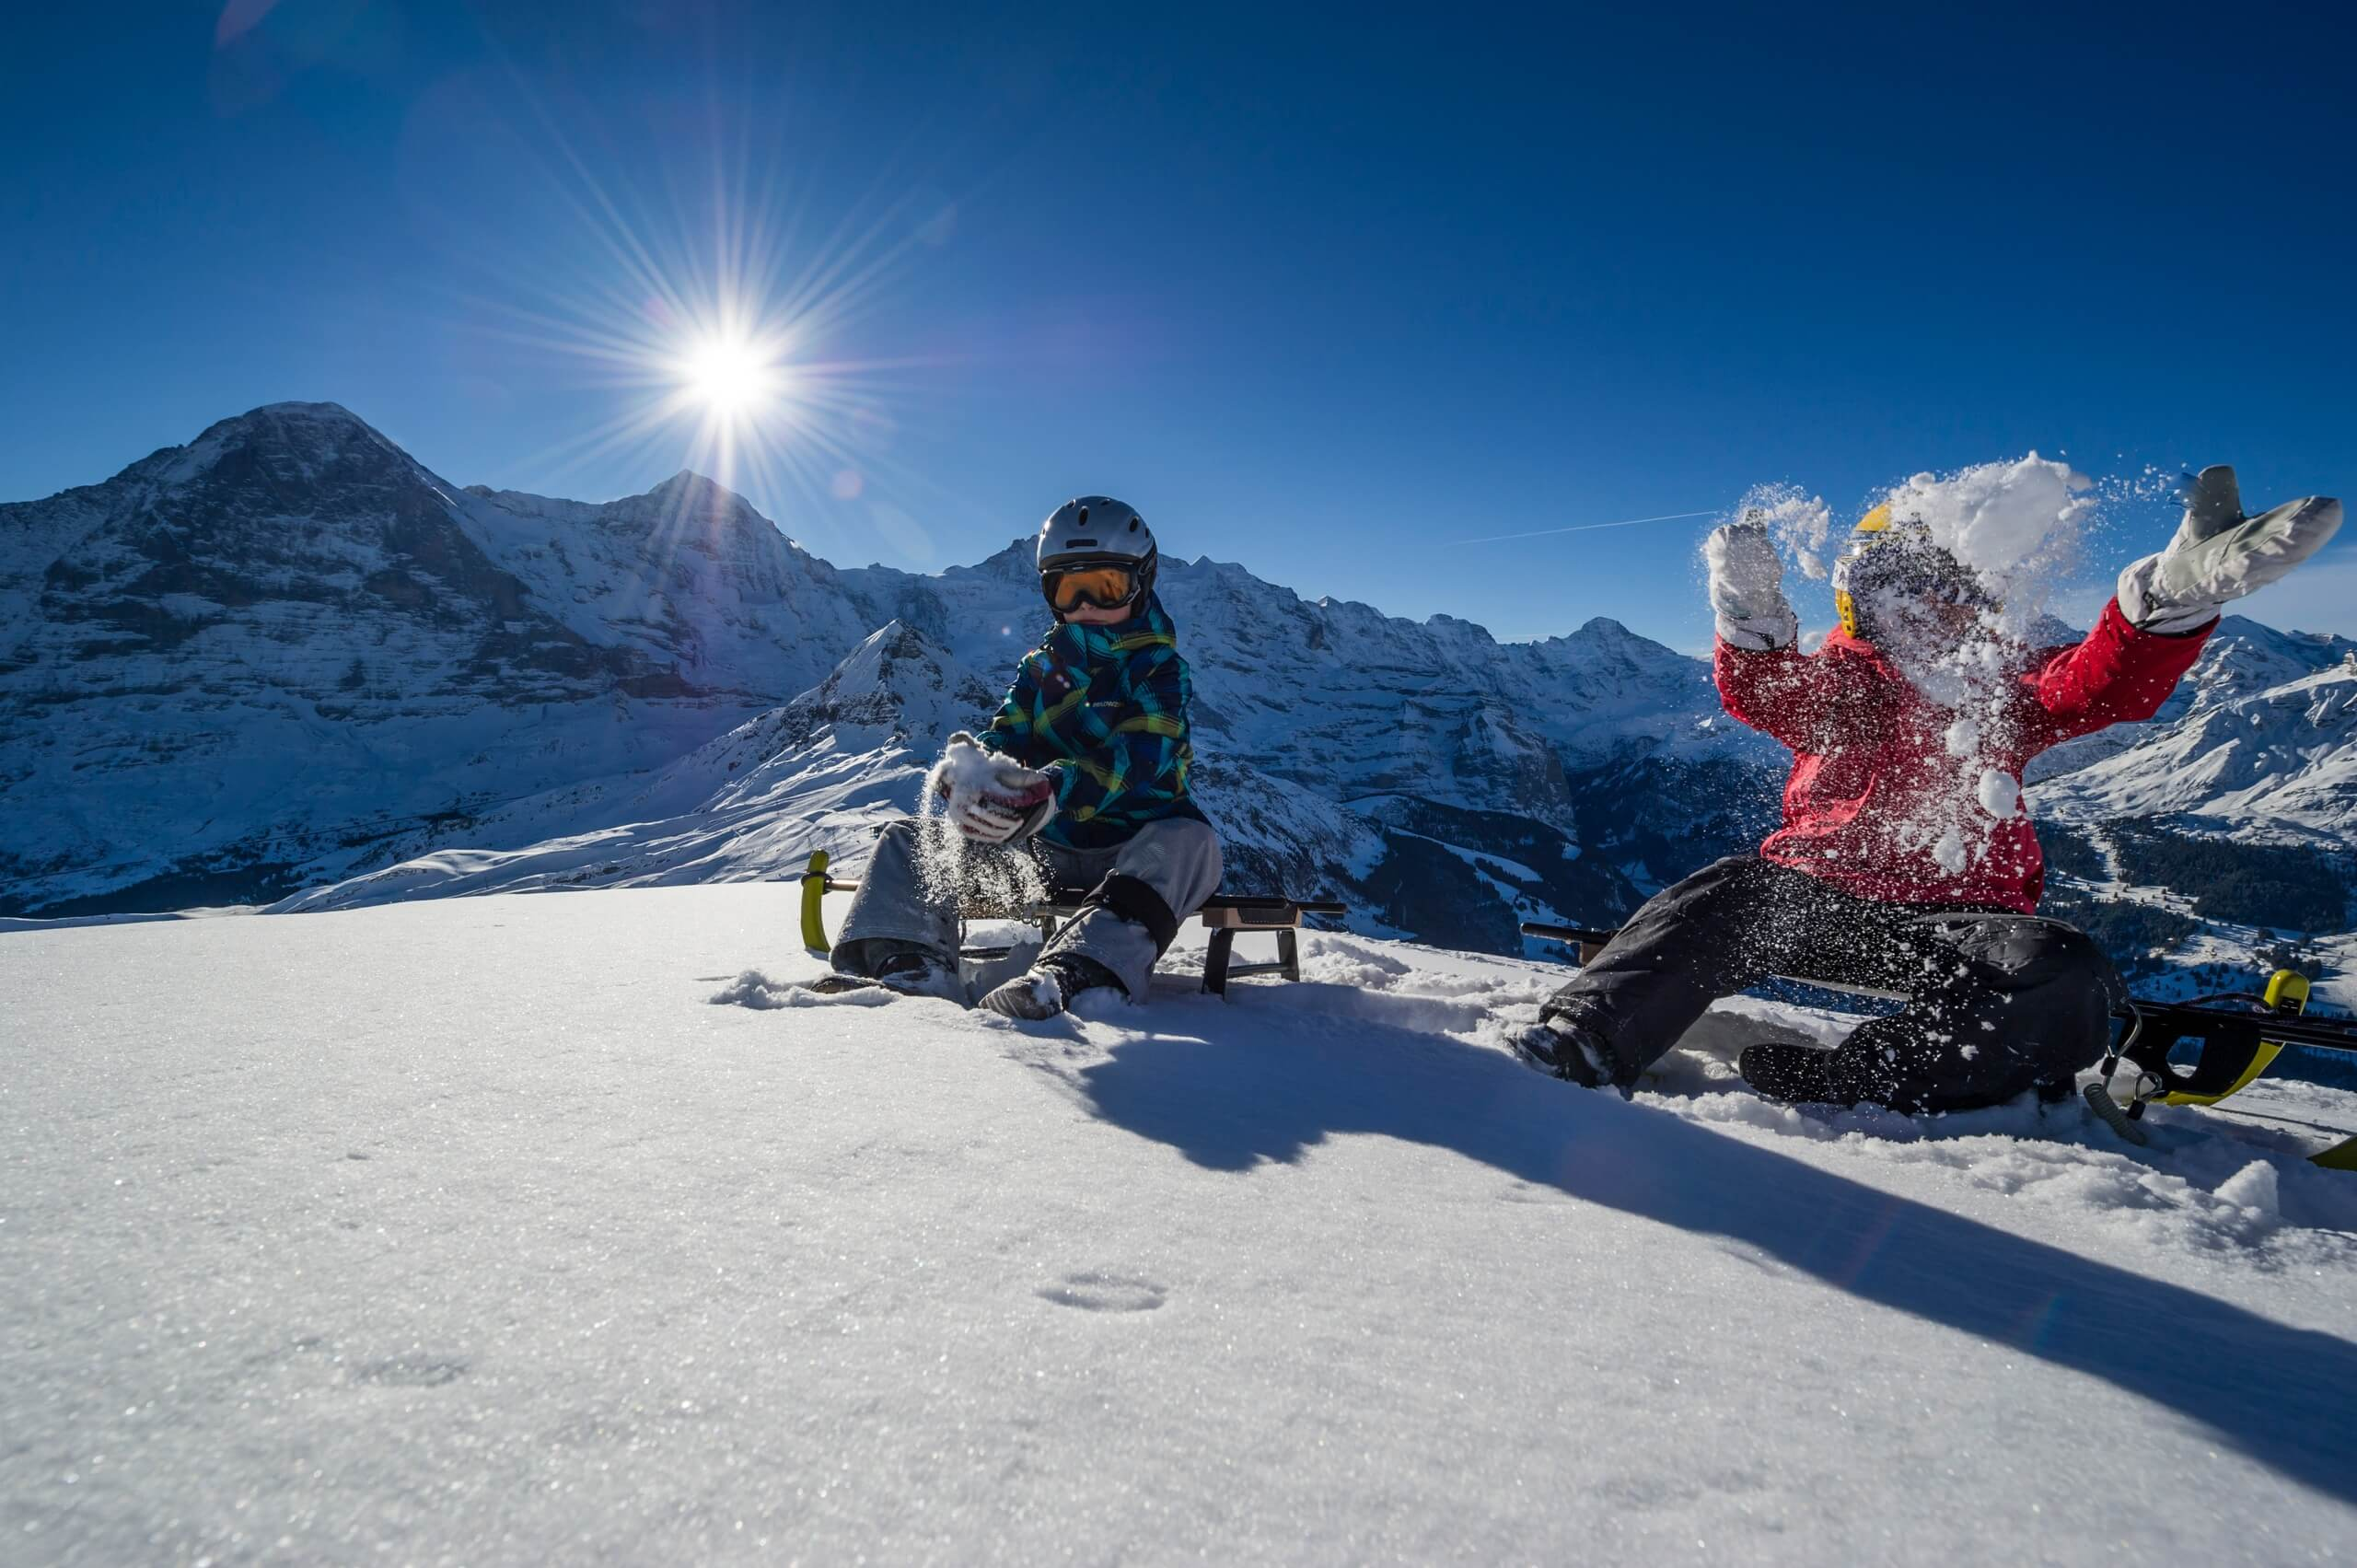 m-nnlichen-schlitteln-sonnenschein-winter-panorama